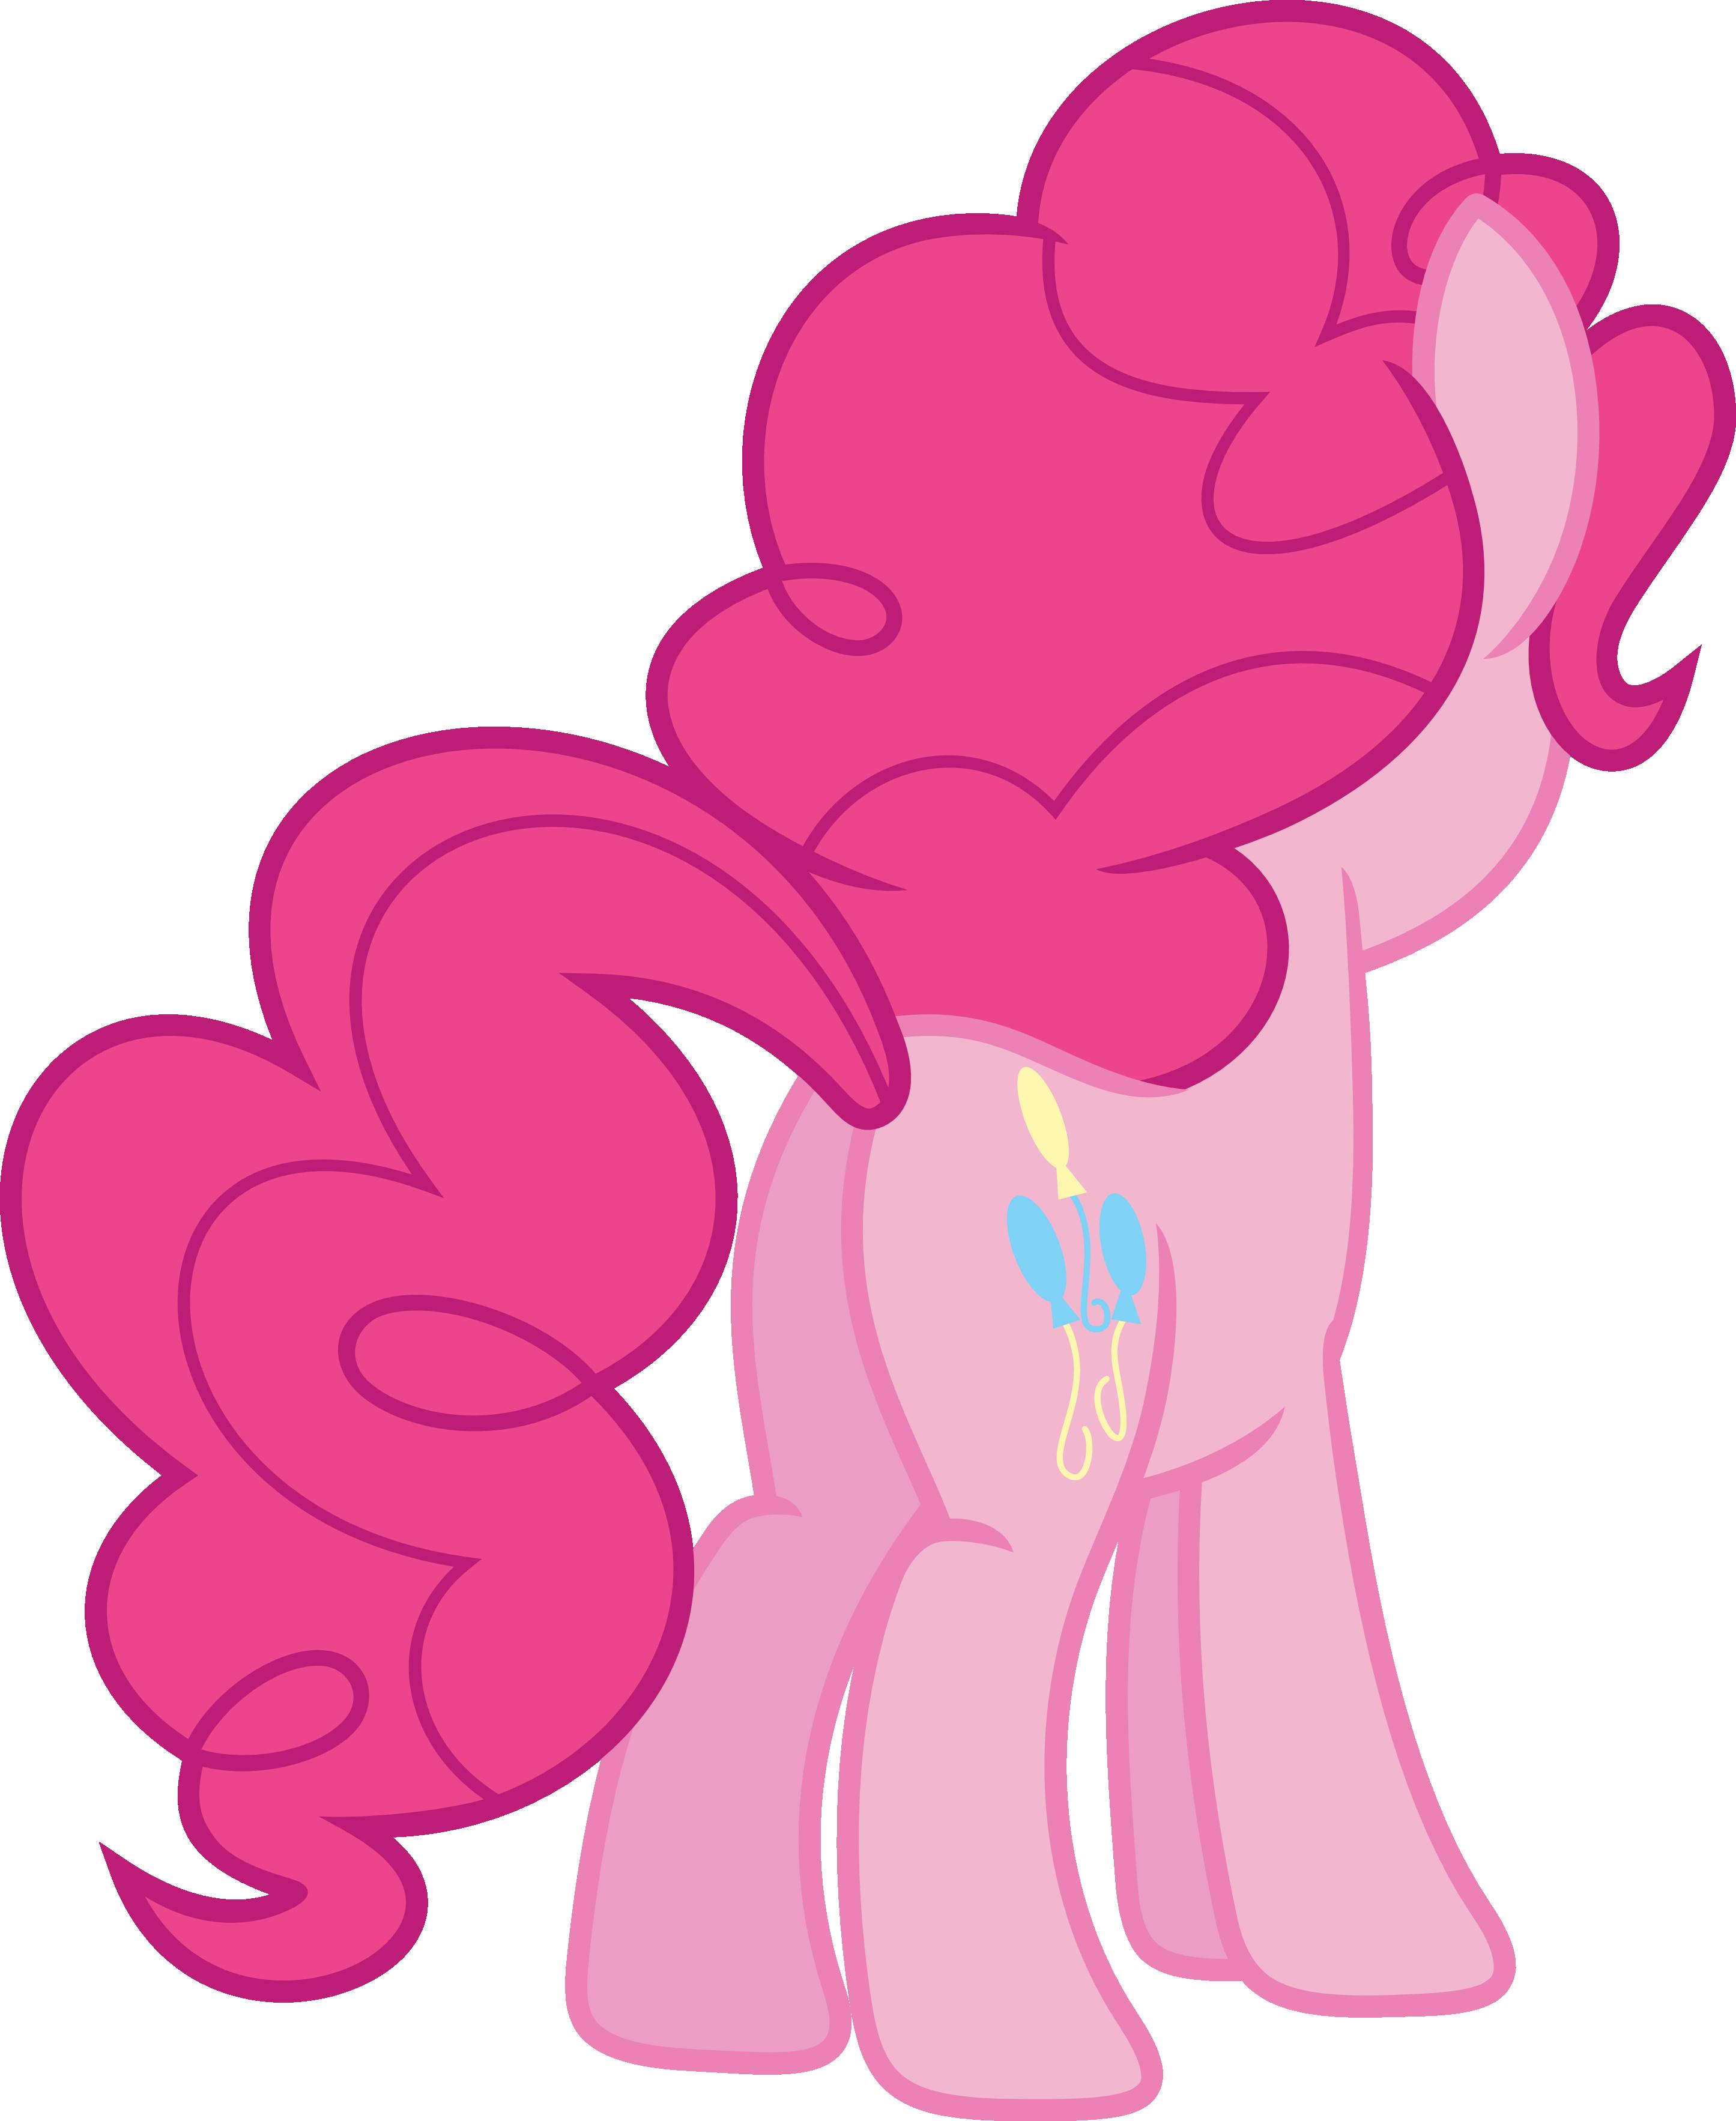 Pinkie Pie Butt Pinkies cute tush by P...